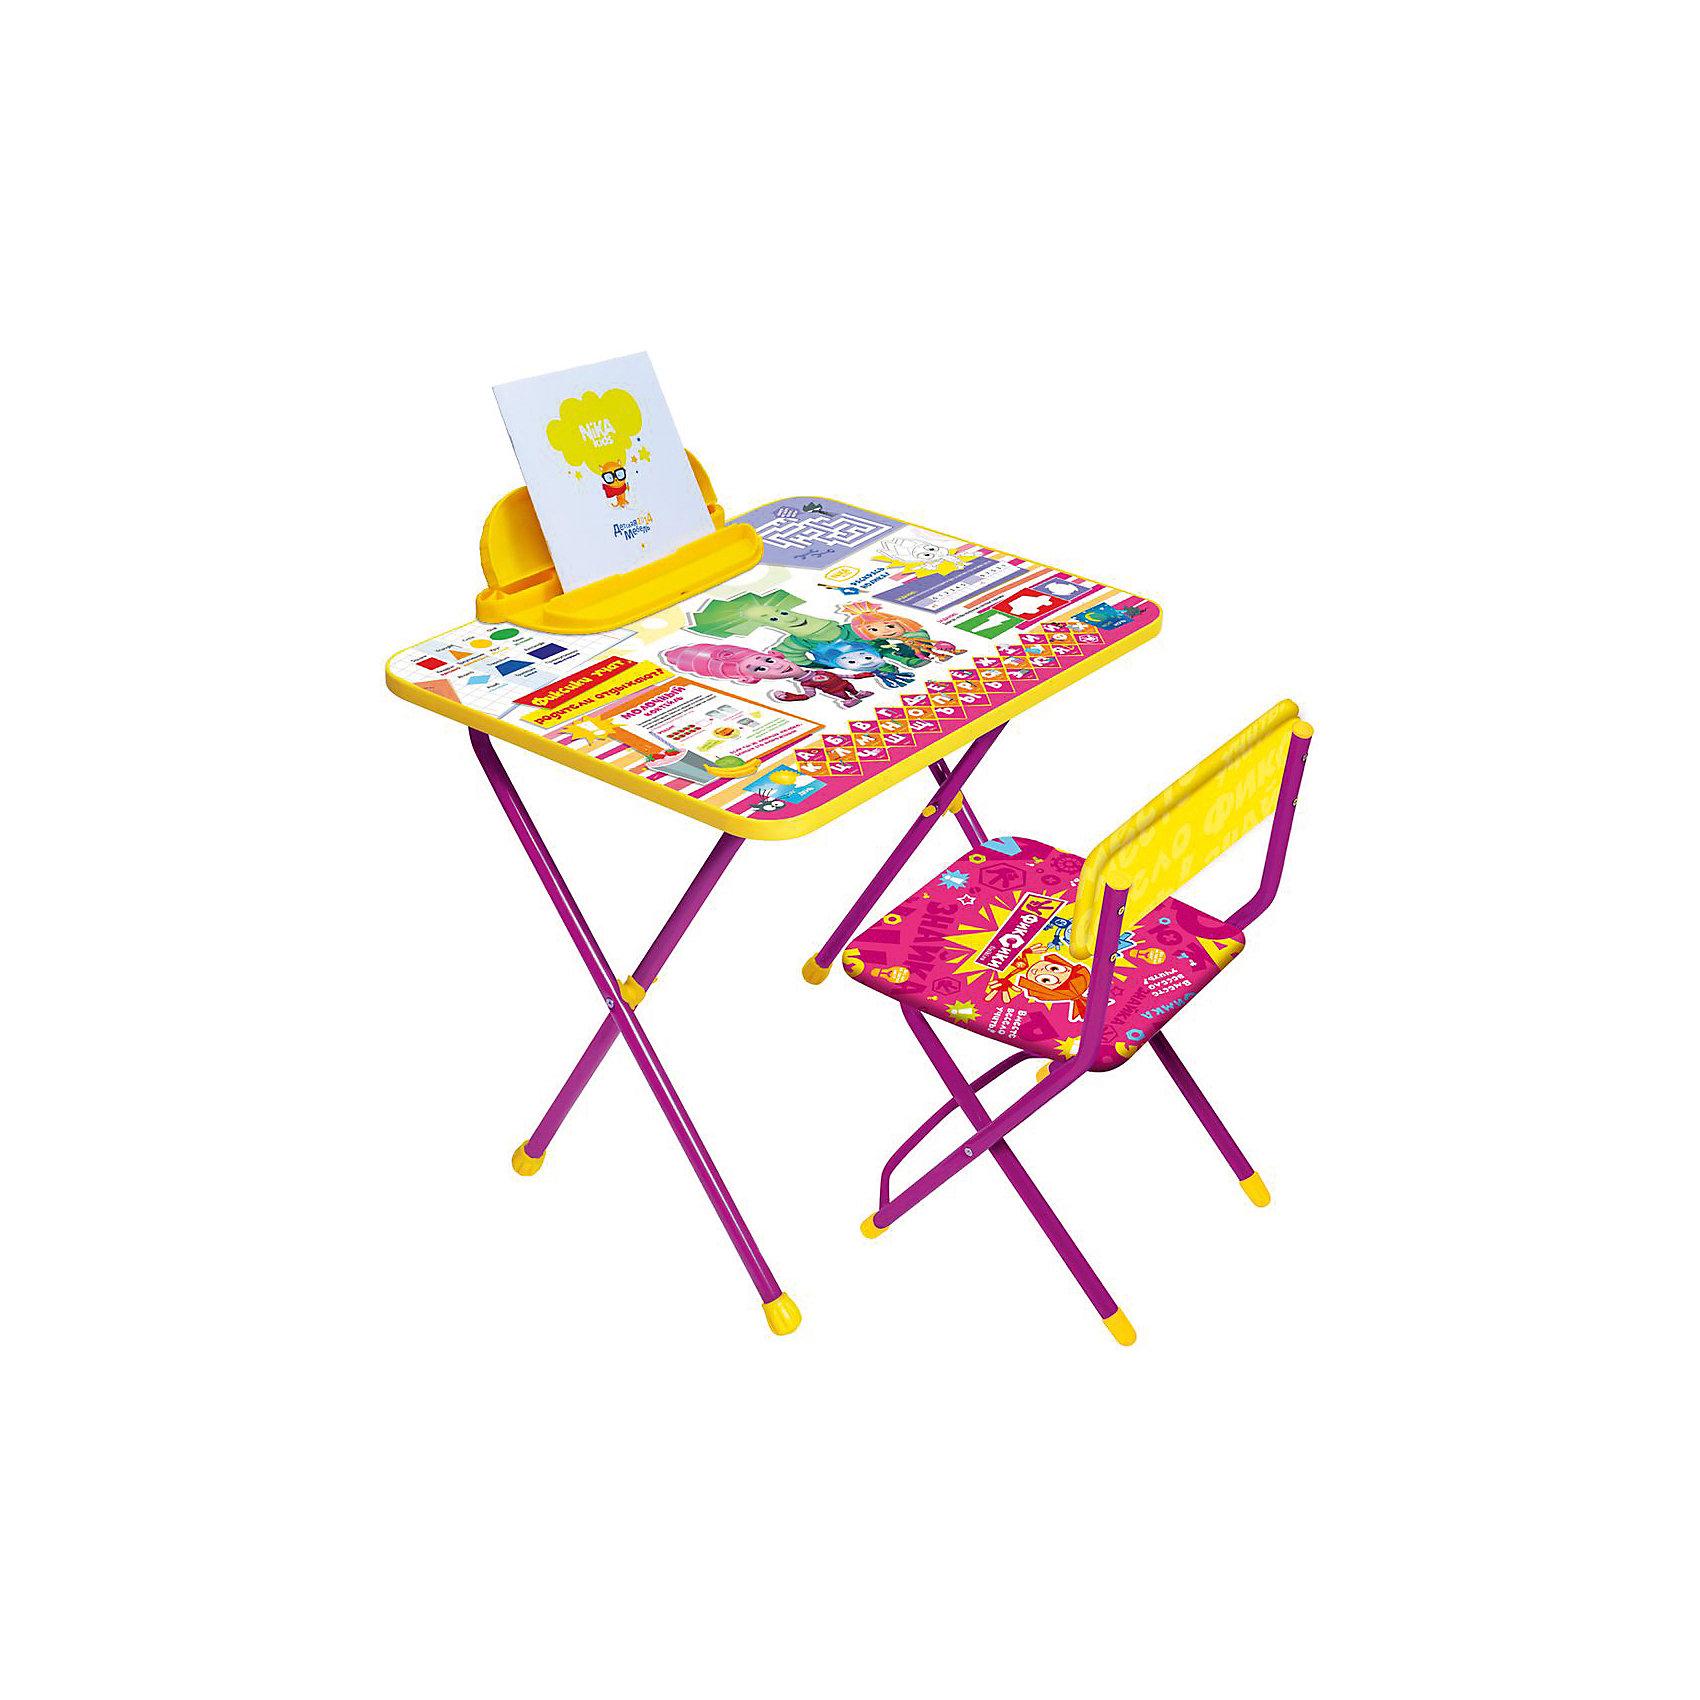 Набор мебели Ф1З. Фикси Знайка, НикаСтолы и стулья<br>Характеристики товара:<br><br>• материал: металл, пластик<br>• размер столешницы: 60х45 см<br>• высота стола: 52 см<br>• сиденье: 30х28 см<br>• высота до сиденья: 30 см<br>• высота со спинкой 53 см<br>• пенал<br>• складной<br>• на столешнице - полезные рисунки<br>• на ламинированной поверхности стола можно рисовать маркером на водной основе<br>• на ножках пластмассовые наконечники<br>• складной<br>• возраст: от 1,5 до 3 лет<br>• страна бренда: Российская Федерация<br>• страна производства: Российская Федерация<br><br>Детская мебель может быть удобной и эргономичной! Этот комплект разработан специально для детей от полутора до трех лет. Он легко складывается и раскладывается, занимает немного места, легко моется. Каркас сделан из прочного, но легкого металла, а на ножках установлены пластмассовые наконечники для защиты напольного покрытия. Столешница украшена полезными познавательными рисунками. Отличное решение как для кормления малыша, так и для игр, творчества и развивающих занятий!<br>Правильно подобранная мебель помогает ребенку расти здоровым, формироваться правильной осанке. Изделие производится из качественных сертифицированных материалов, безопасных даже для самых маленьких.<br><br>Набор мебели Фикси Знайка от бренда Ника можно купить в нашем интернет-магазине.<br><br>Ширина мм: 750<br>Глубина мм: 155<br>Высота мм: 610<br>Вес г: 7020<br>Возраст от месяцев: 180<br>Возраст до месяцев: 36<br>Пол: Унисекс<br>Возраст: Детский<br>SKU: 5223632